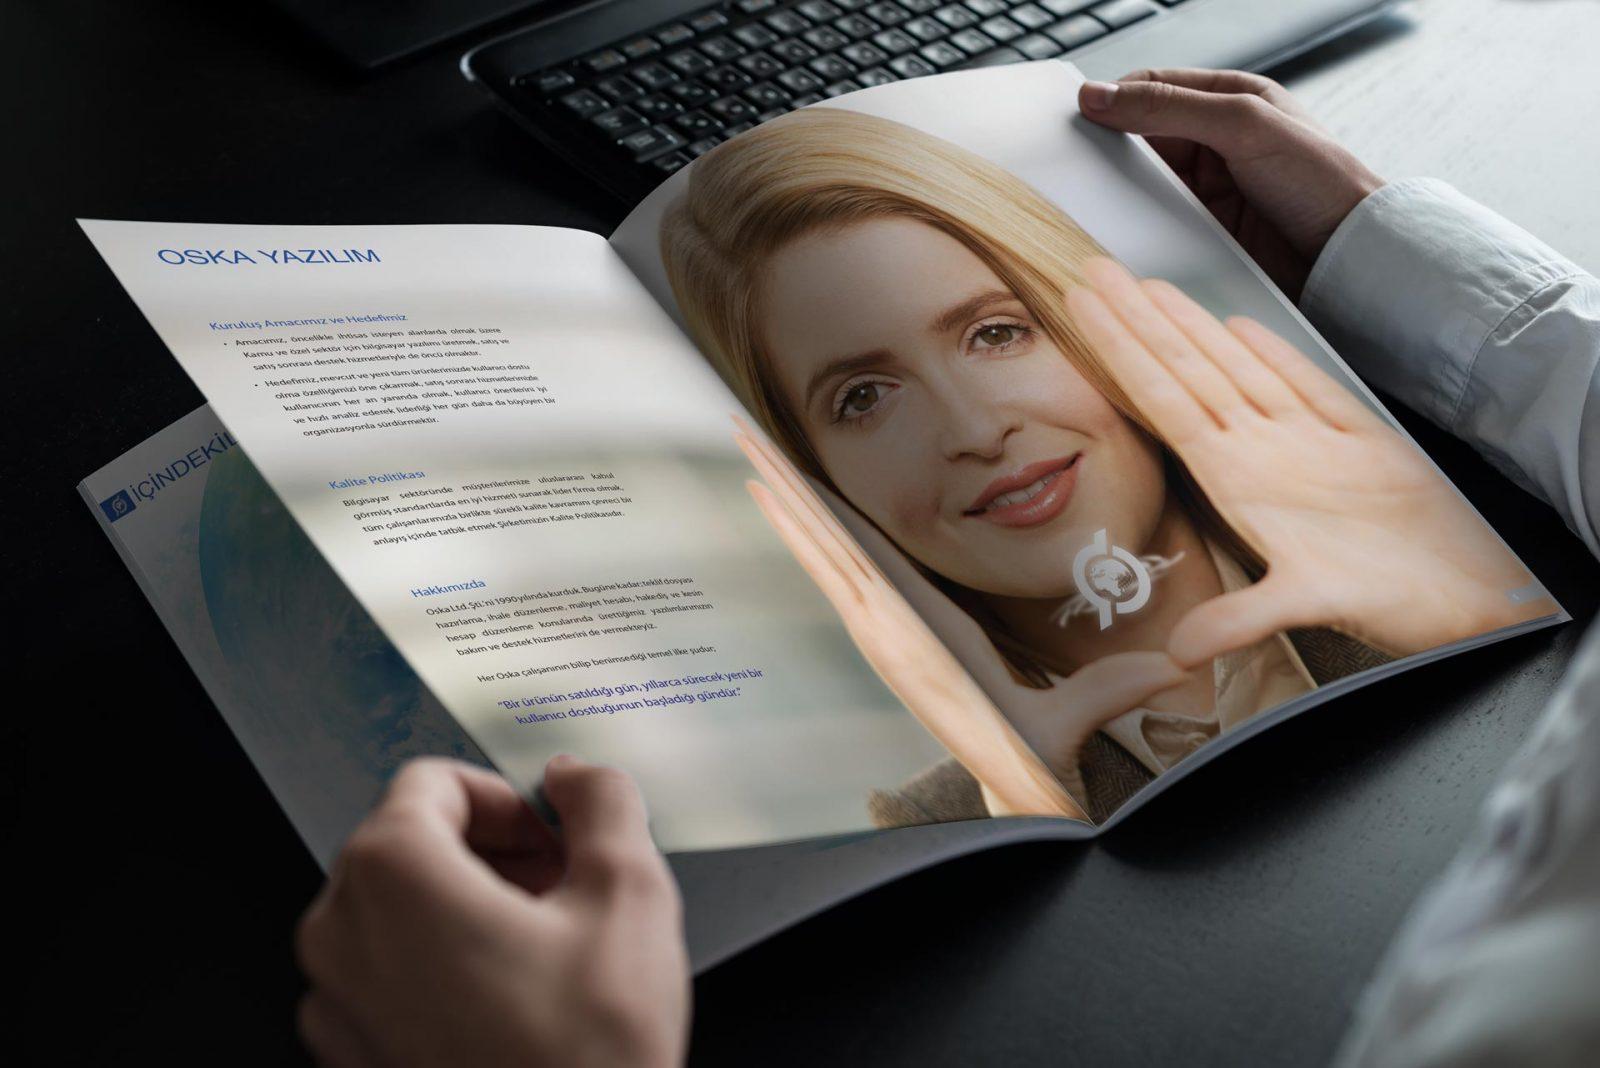 oska yazılım katalog tasarımı 03